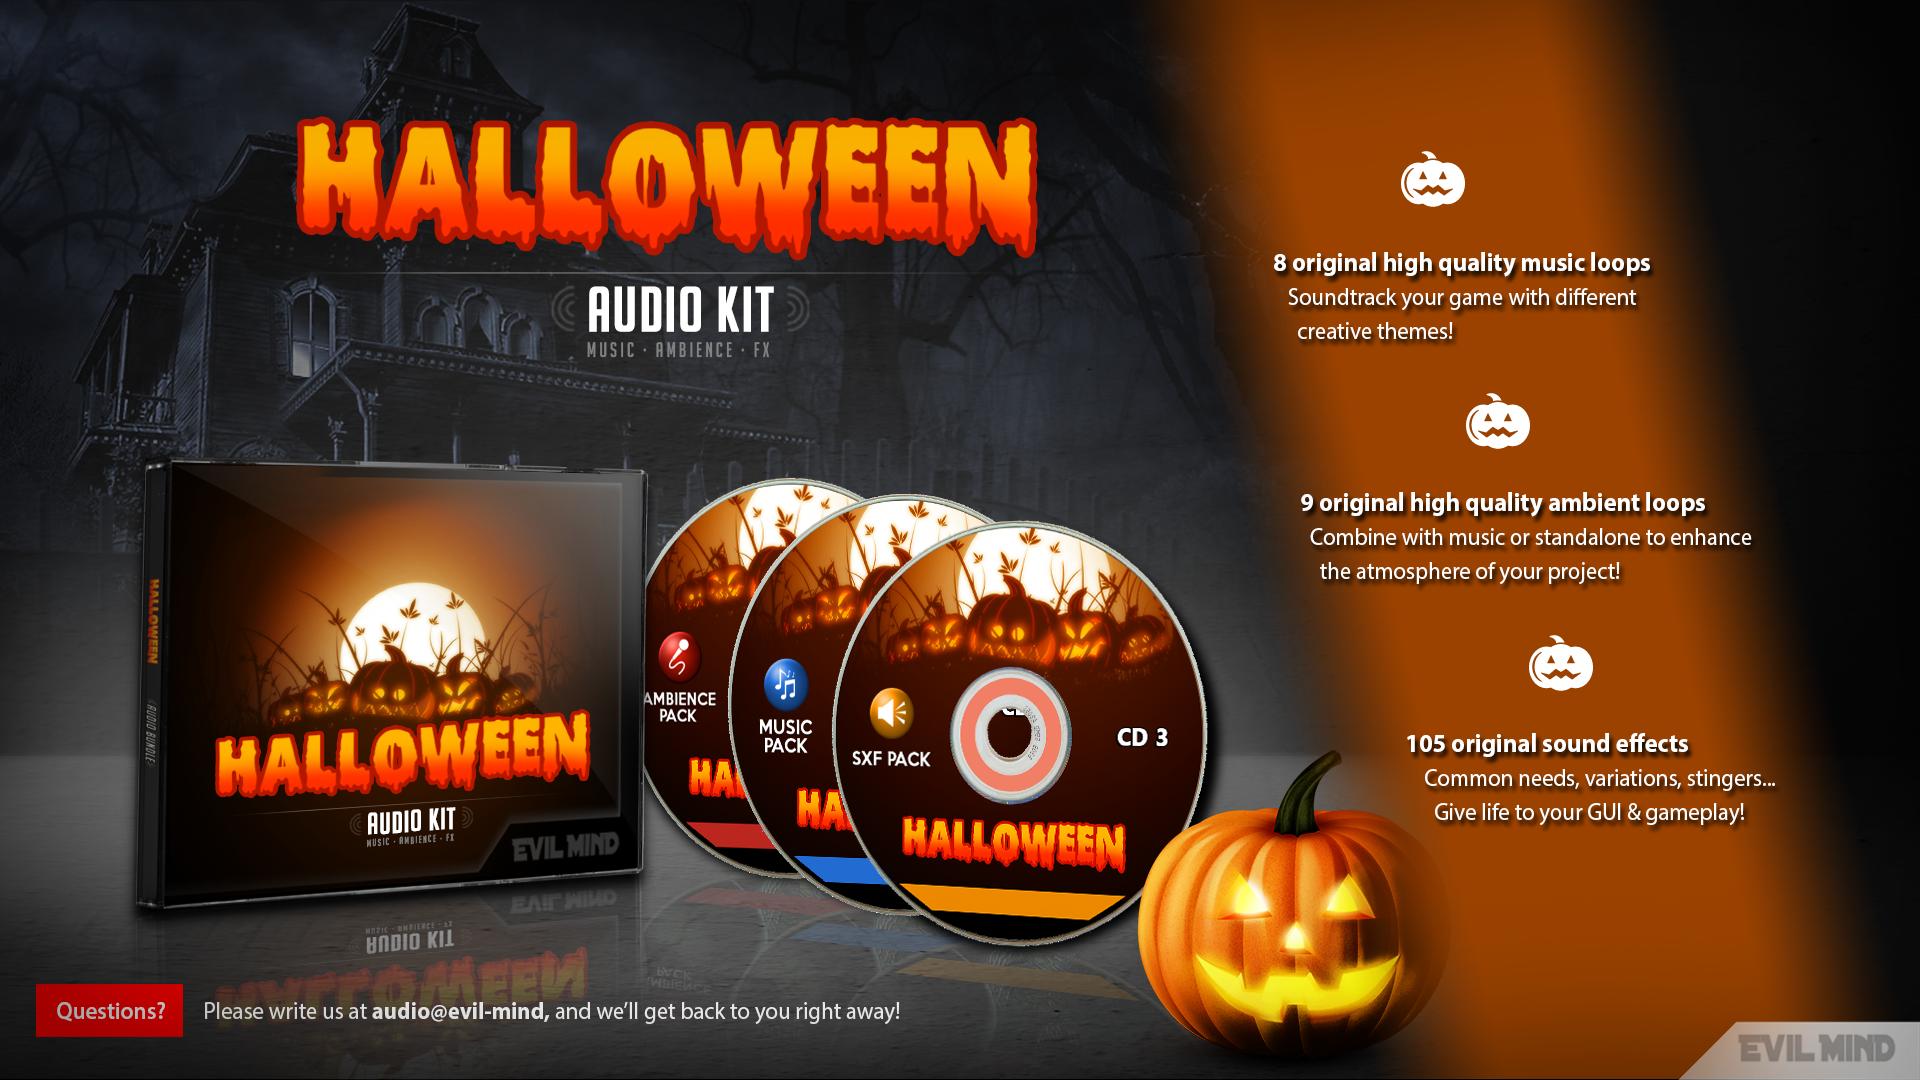 Halloween Audio Kit